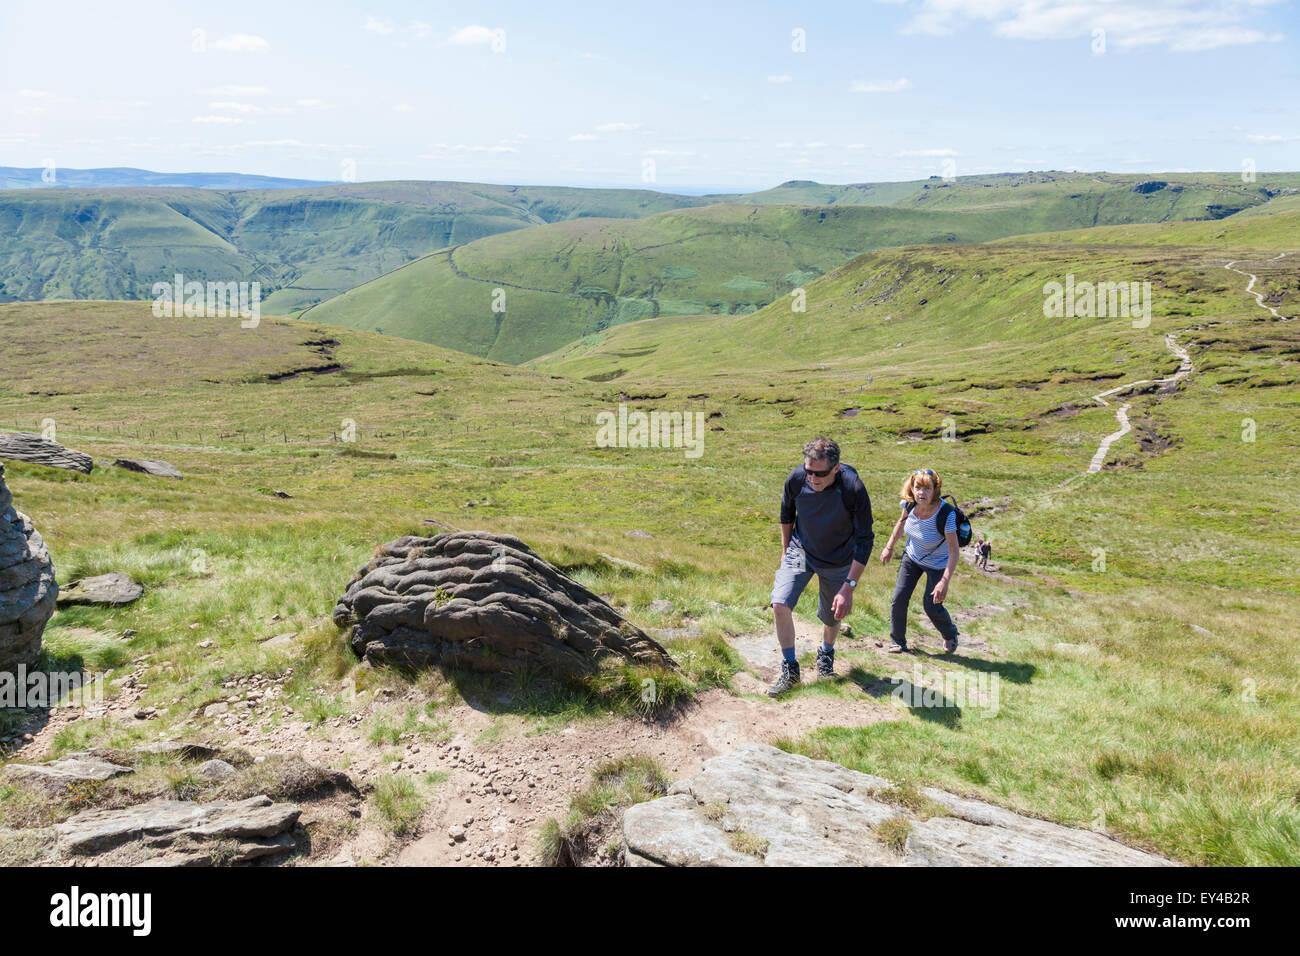 Walkers walking up Grindslow Knoll, on Kinder Scout, Derbyshire, Peak District, England, UK - Stock Image